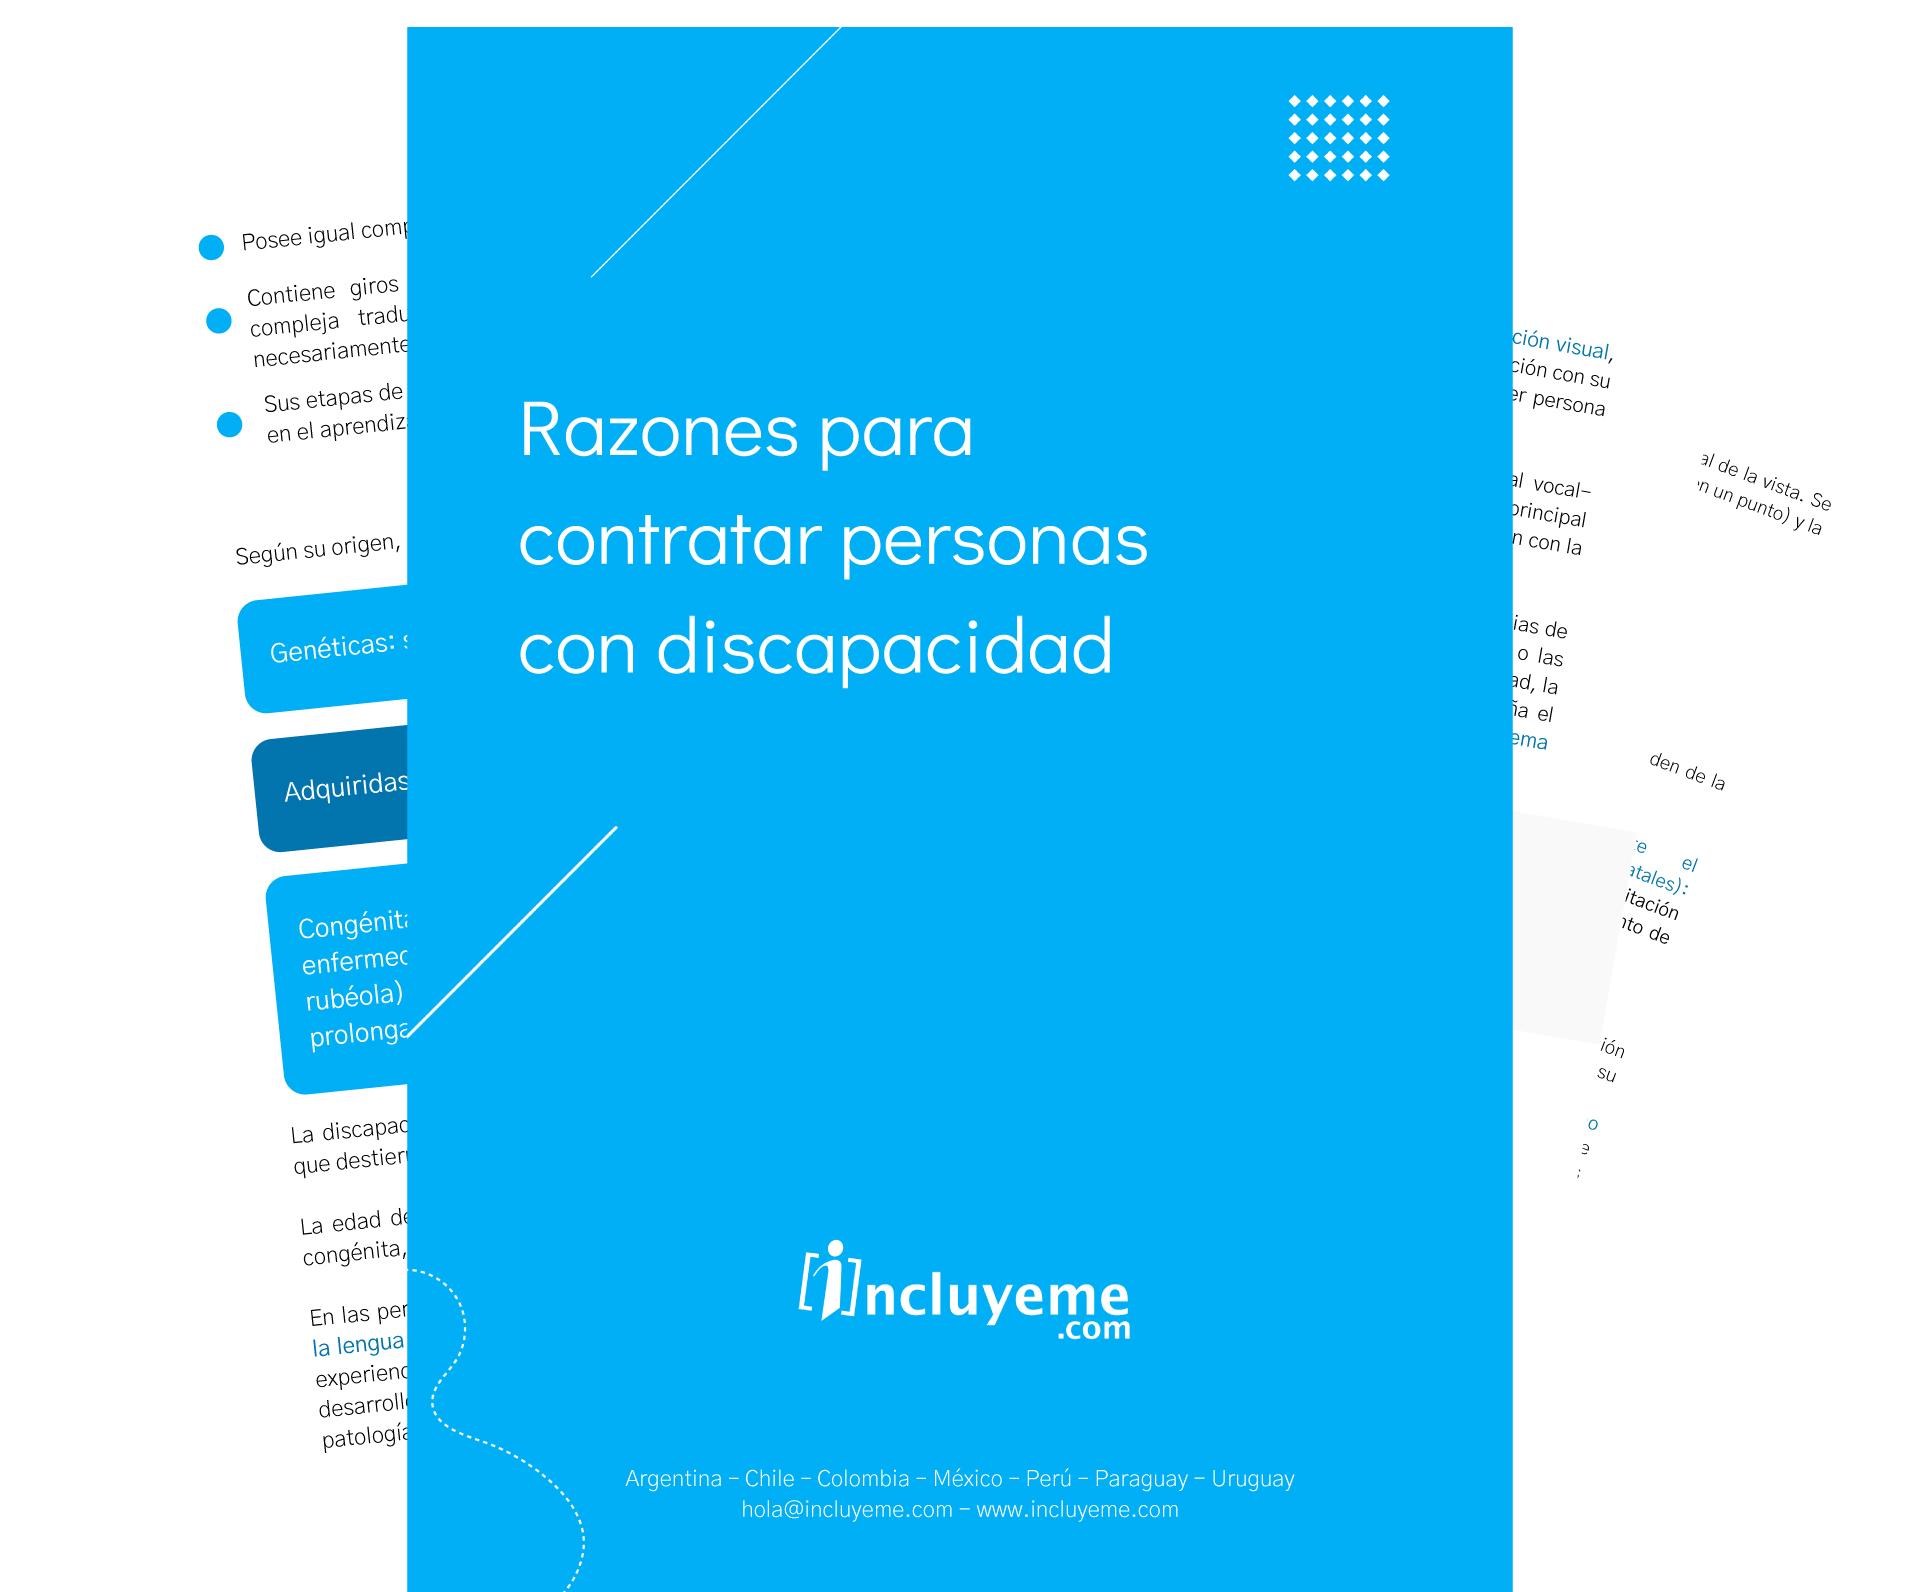 Razones-para-contratar-personas-con-dsicapacidad-imagen